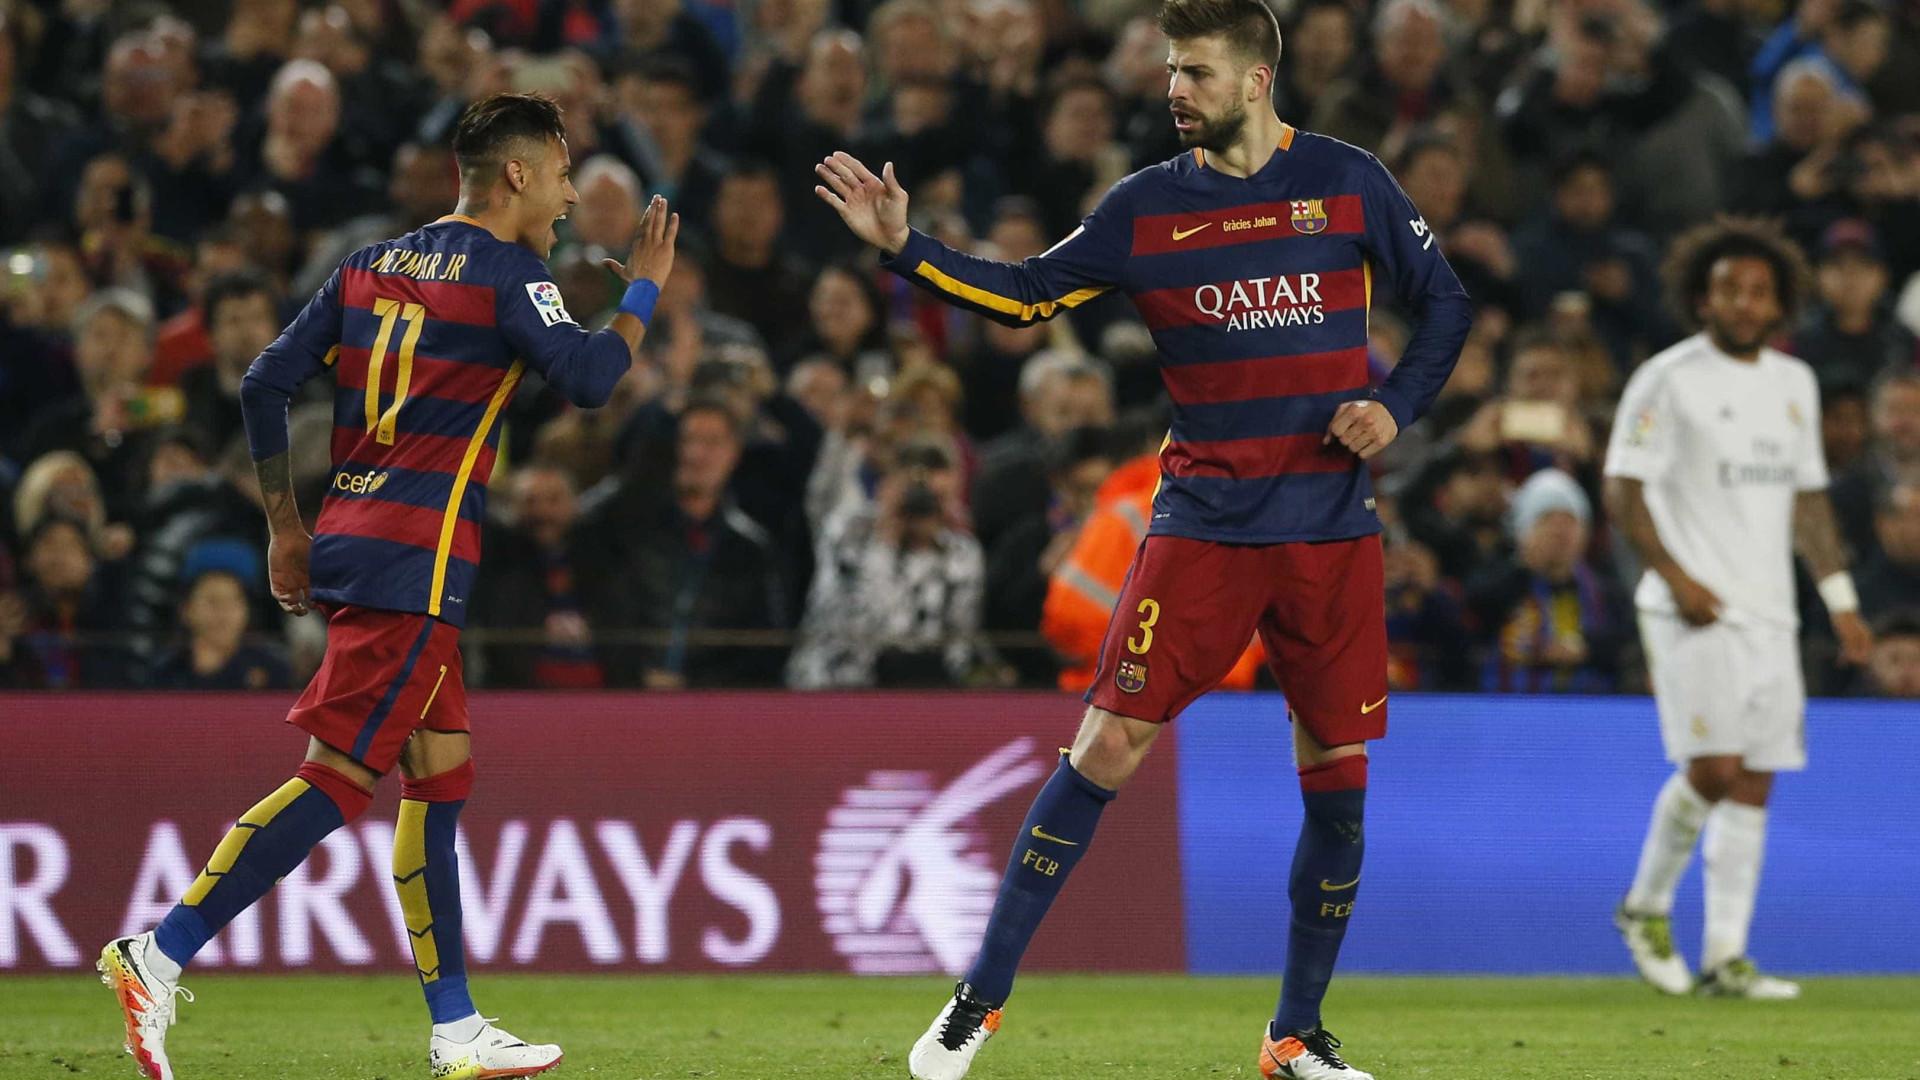 'Saída de Neymar foi um dano para o Barça', diz Piquè